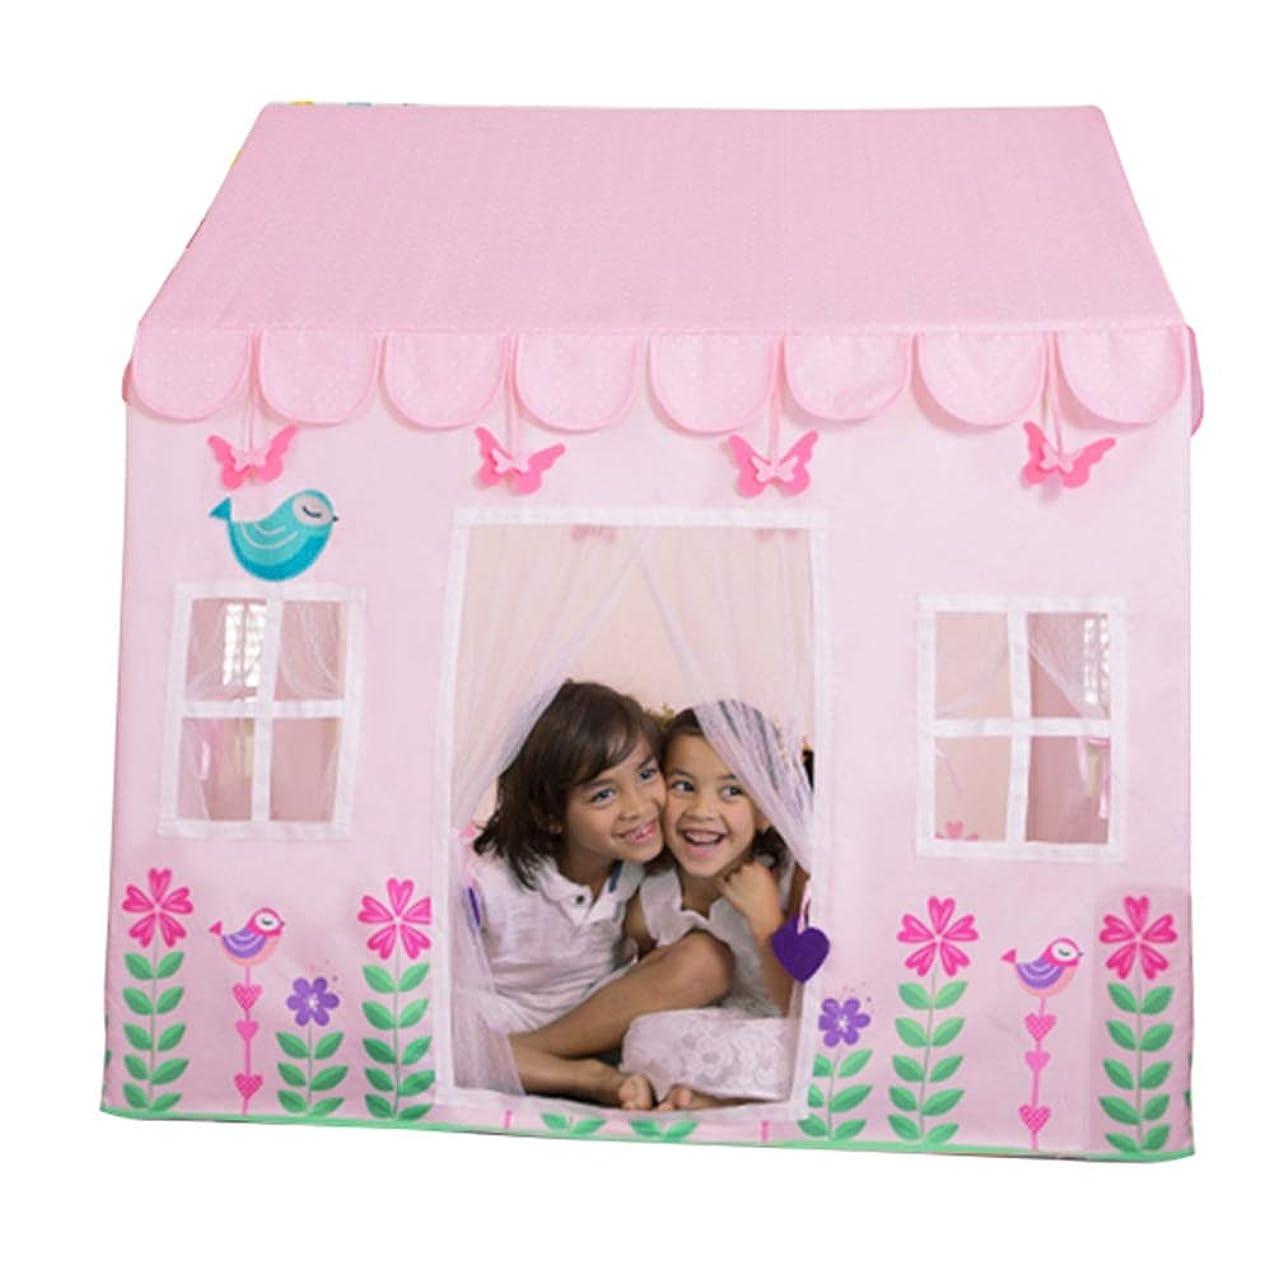 フォルダ体略すHLMIN 子供用テントキッズテント女の子のための男の子のプレイハウスの家の屋内屋外の演劇のテント、3色 ( Color : Pink )